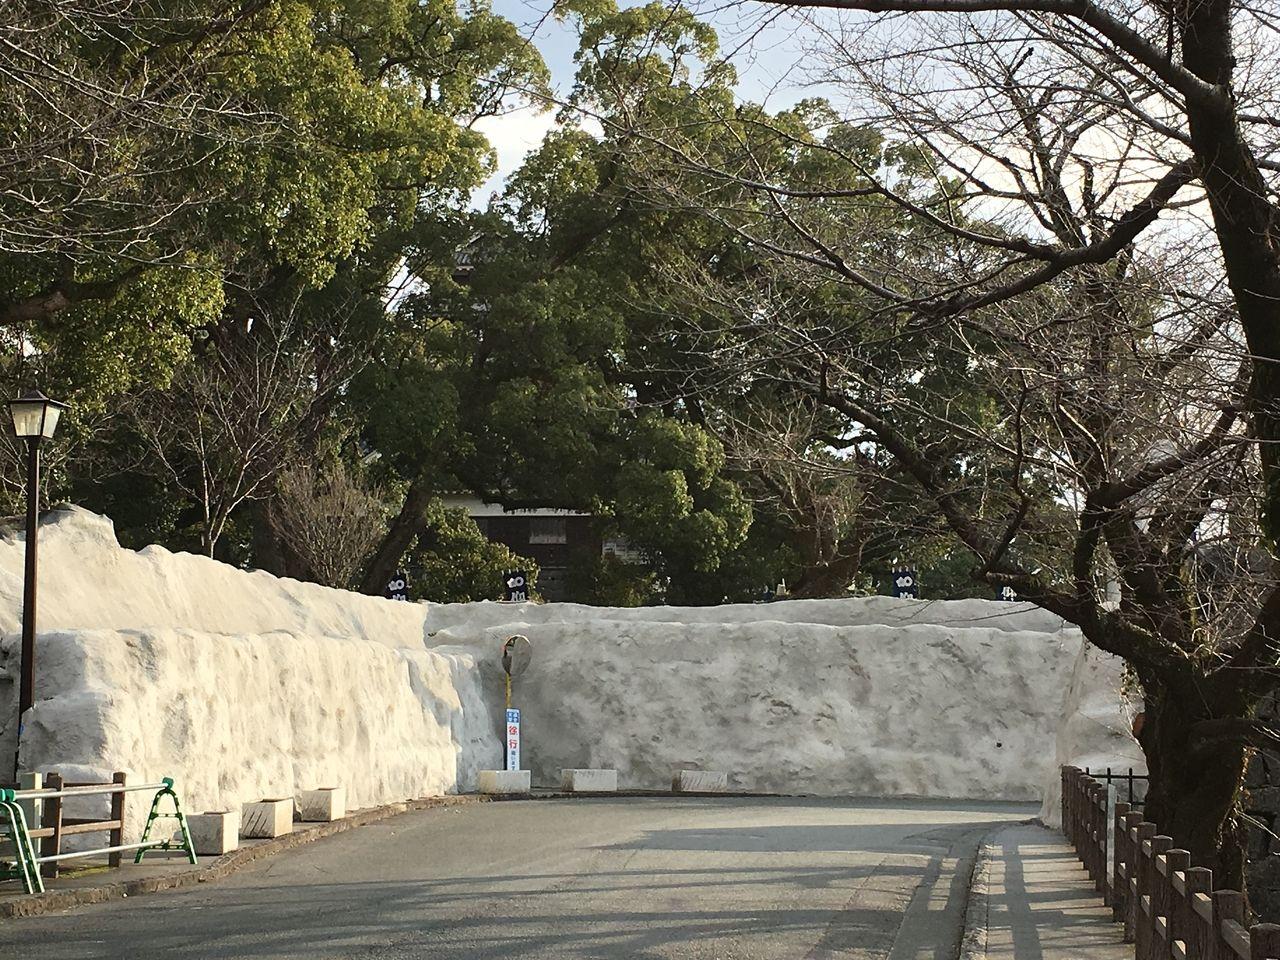 加藤神社北側の養生されている石垣